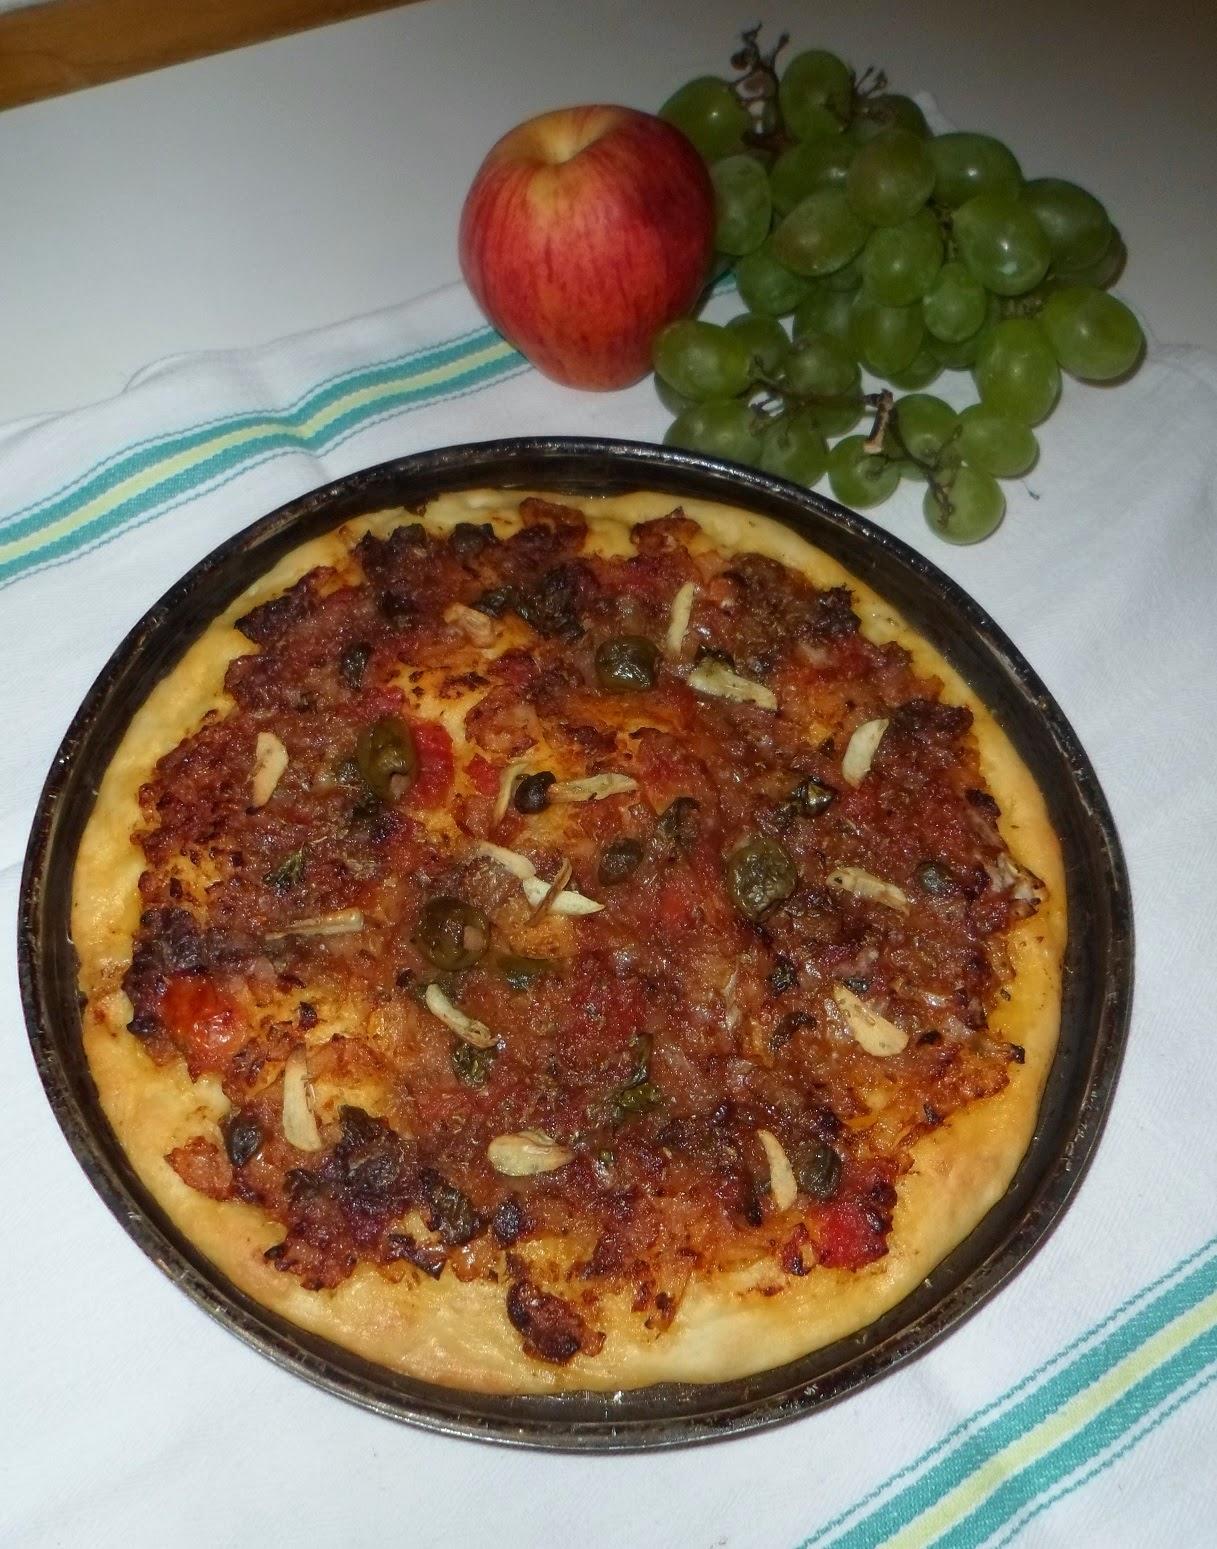 Padernoforum il sapore antico della pizza andrera - Casa di cura paderno dugnano ...